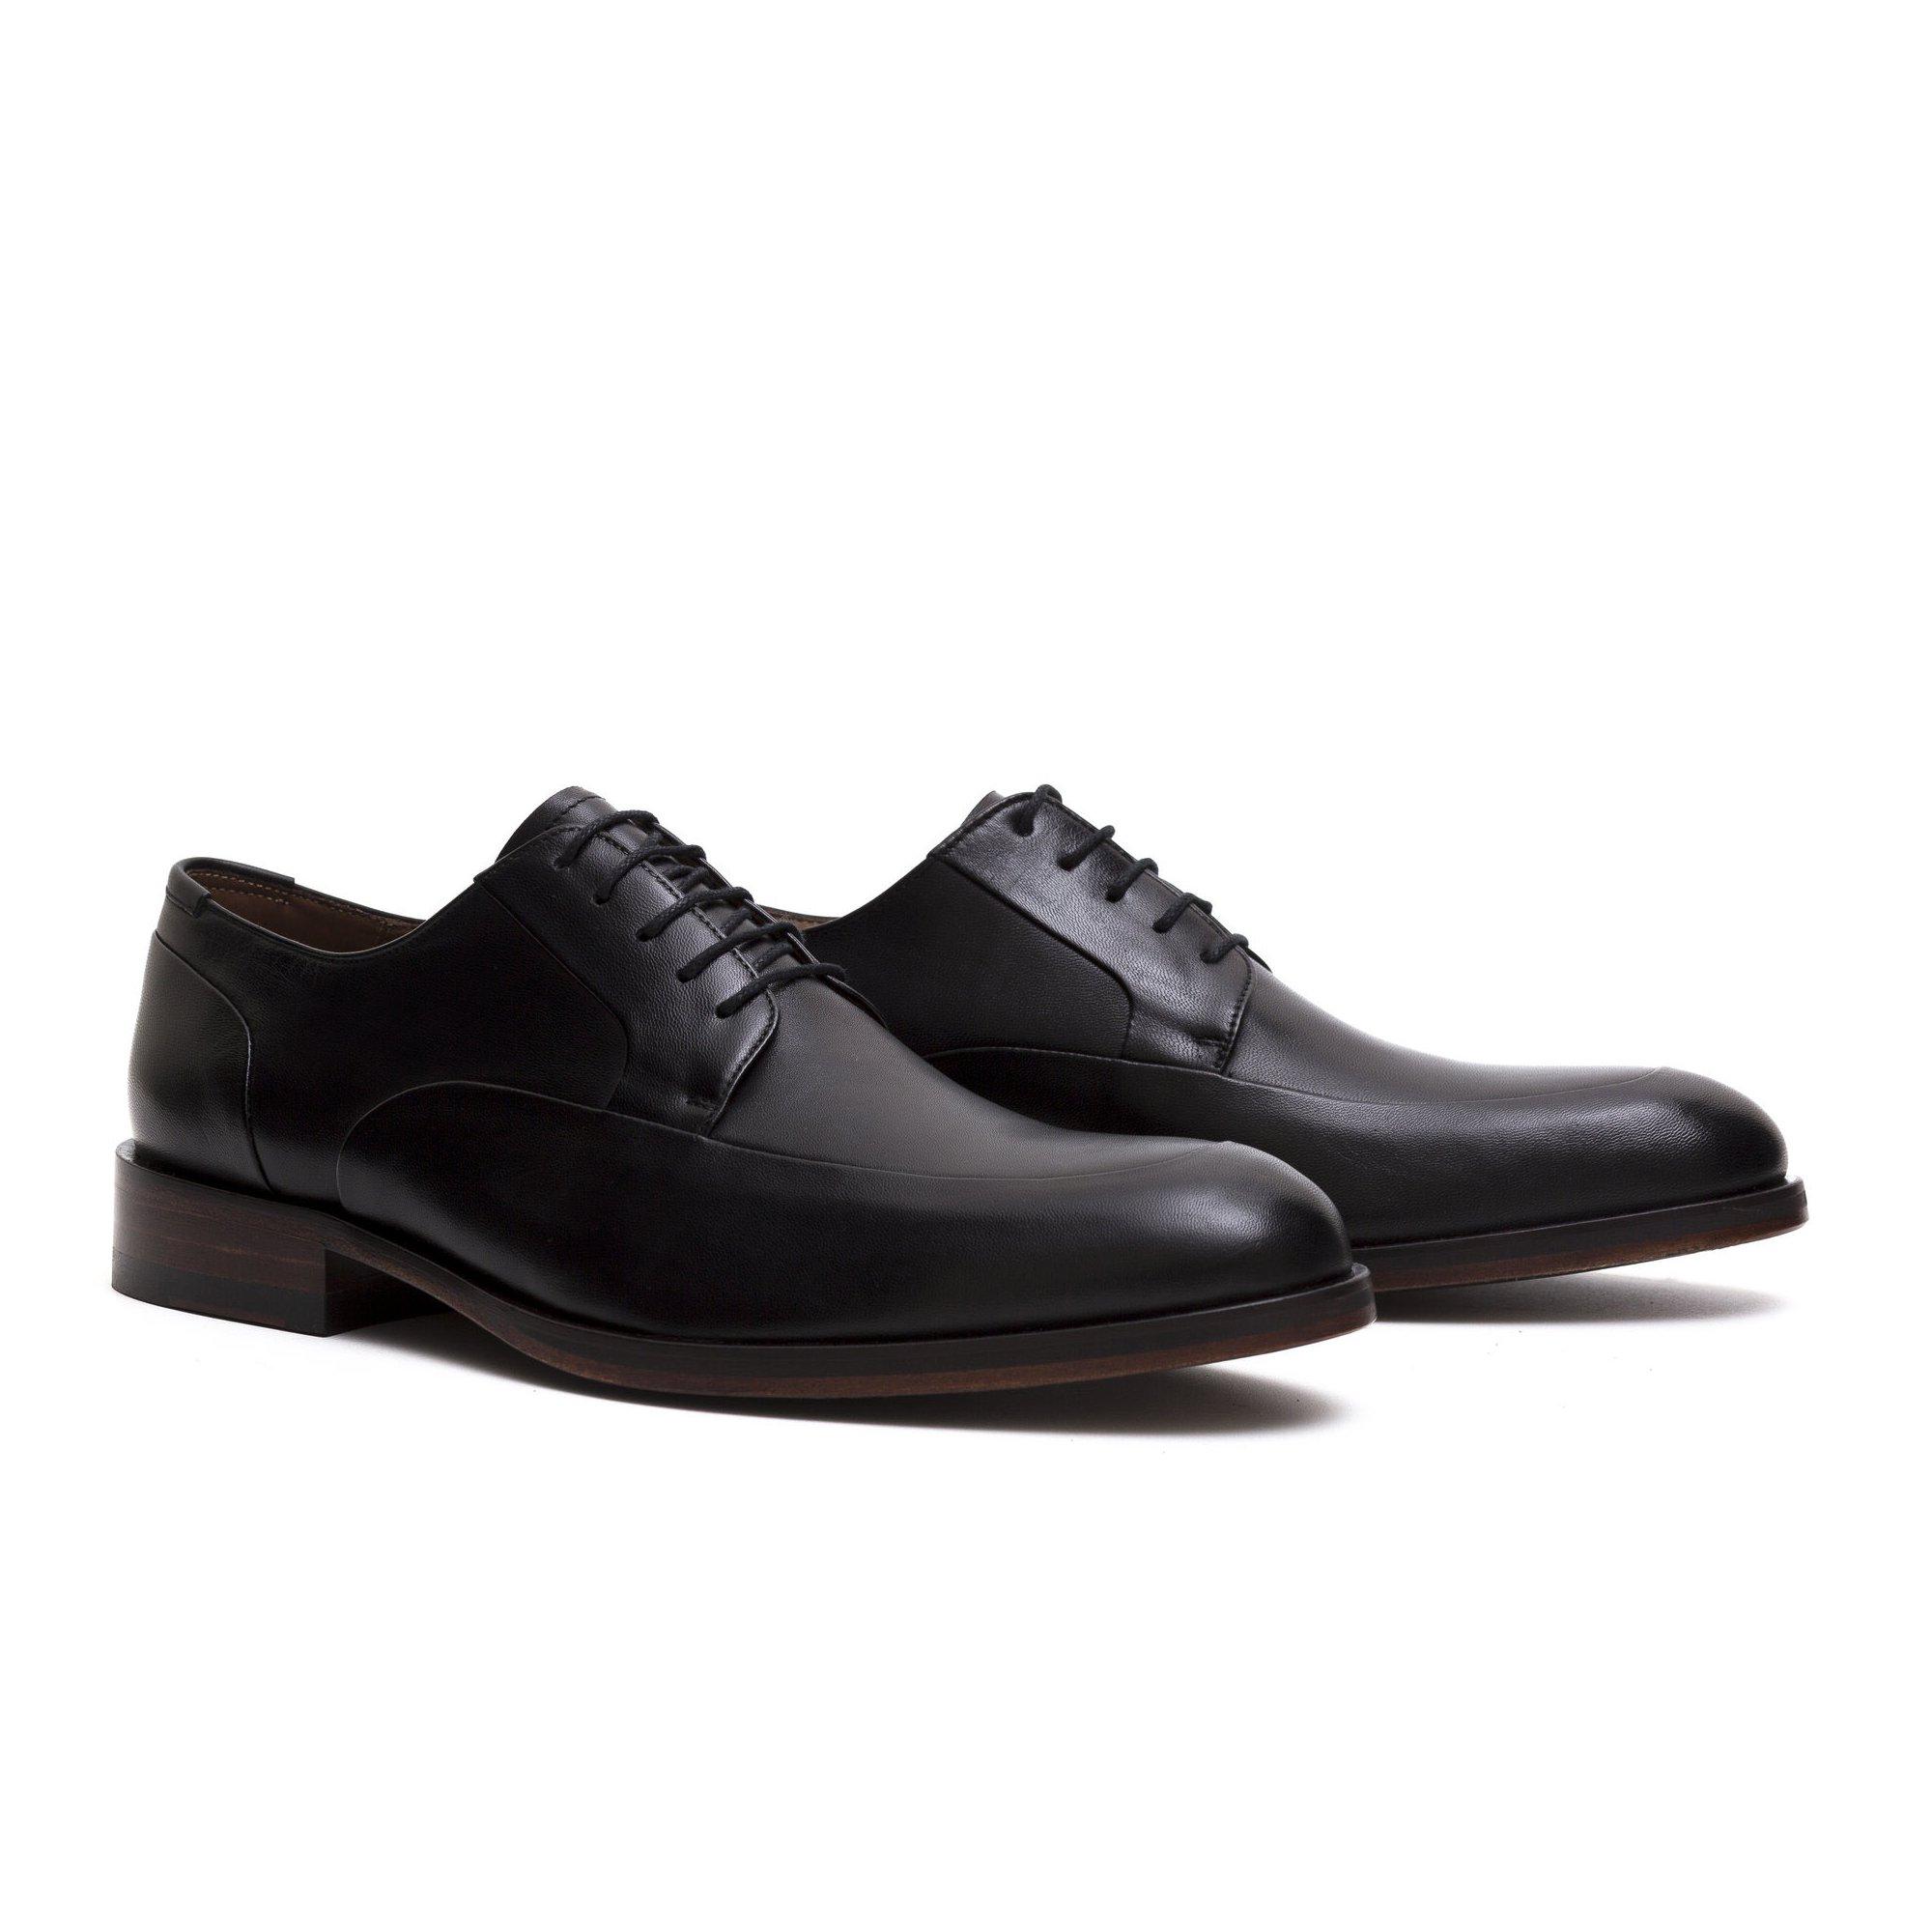 Sapato Social Derby Masculino Preto Couro Legítimo Monbran Dressy Civil 02025P